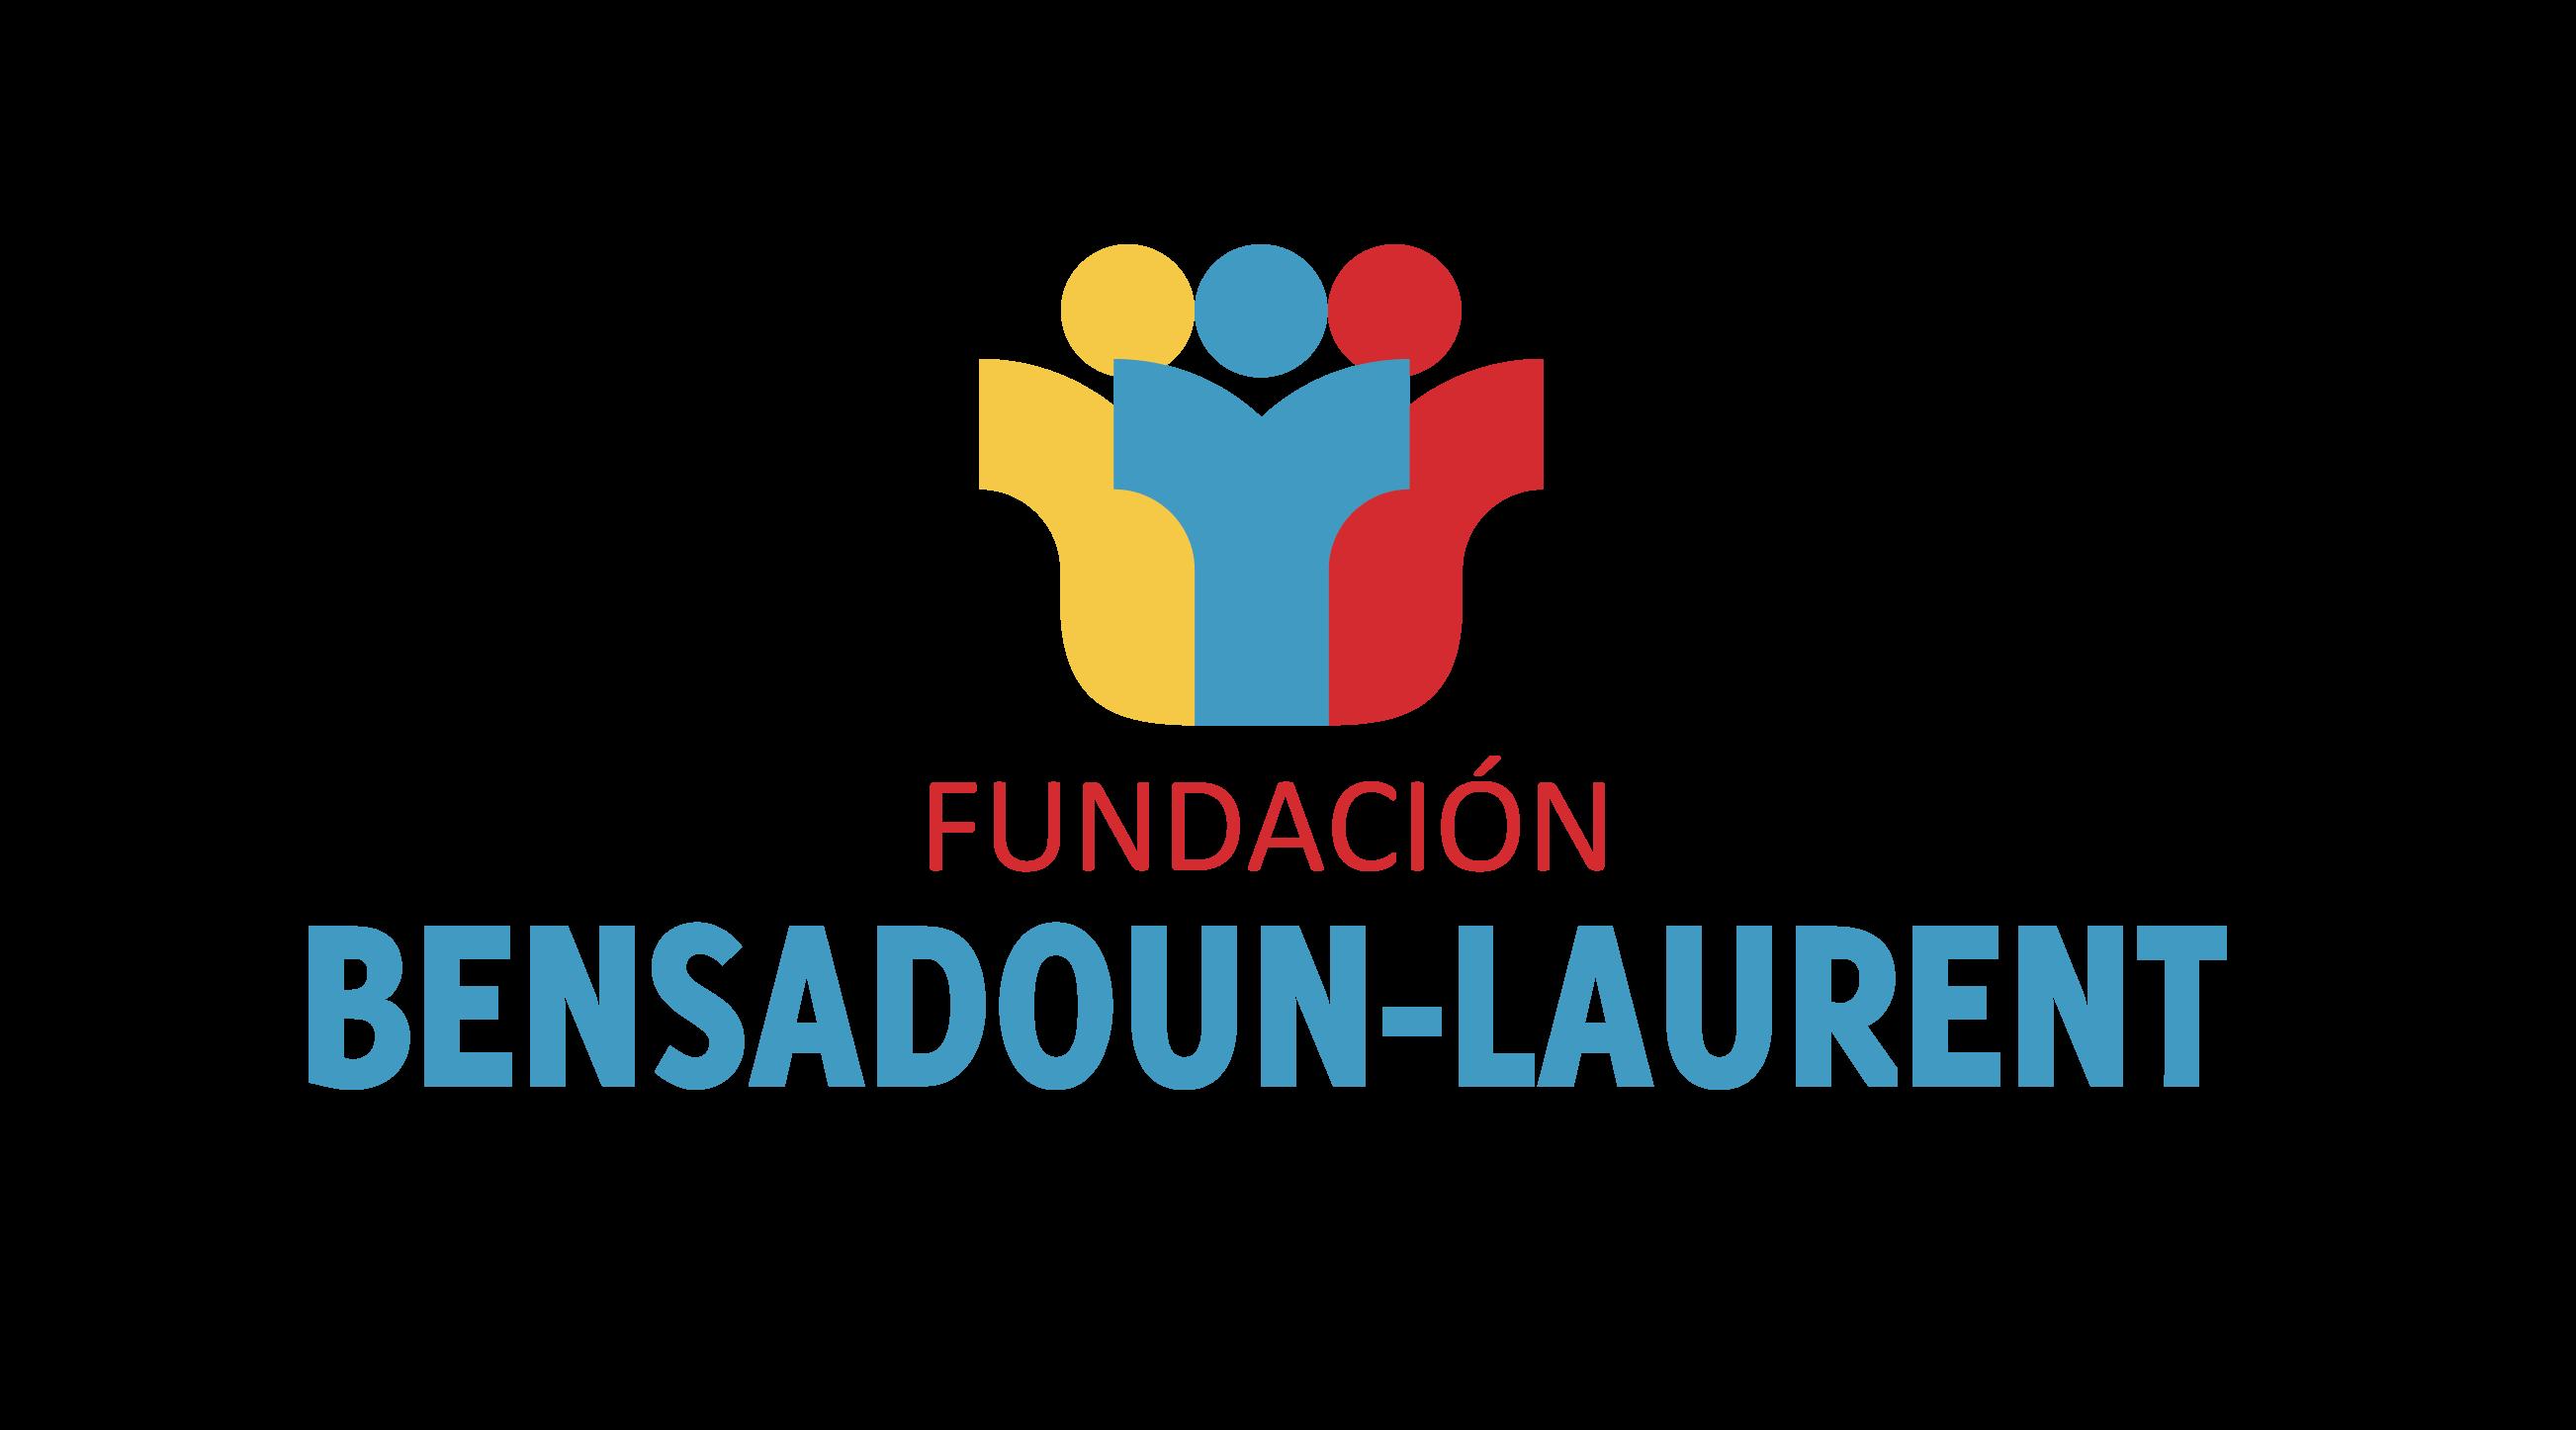 Fundacion Bensadoun Laurent Logo